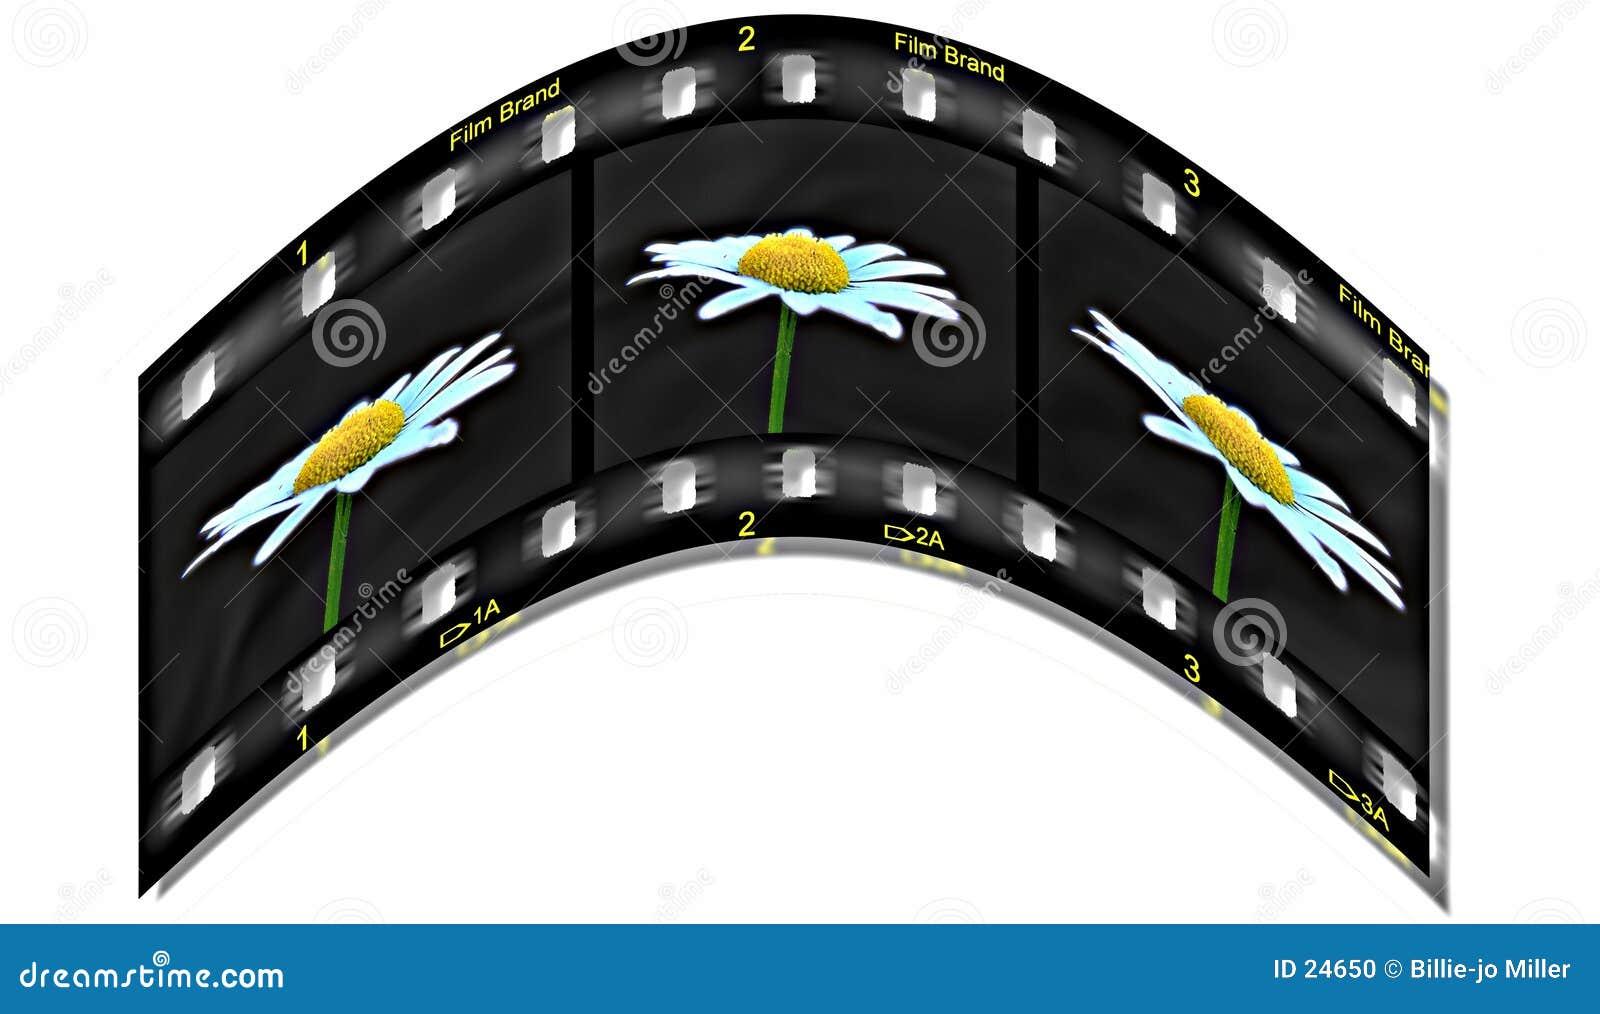 Life on Film